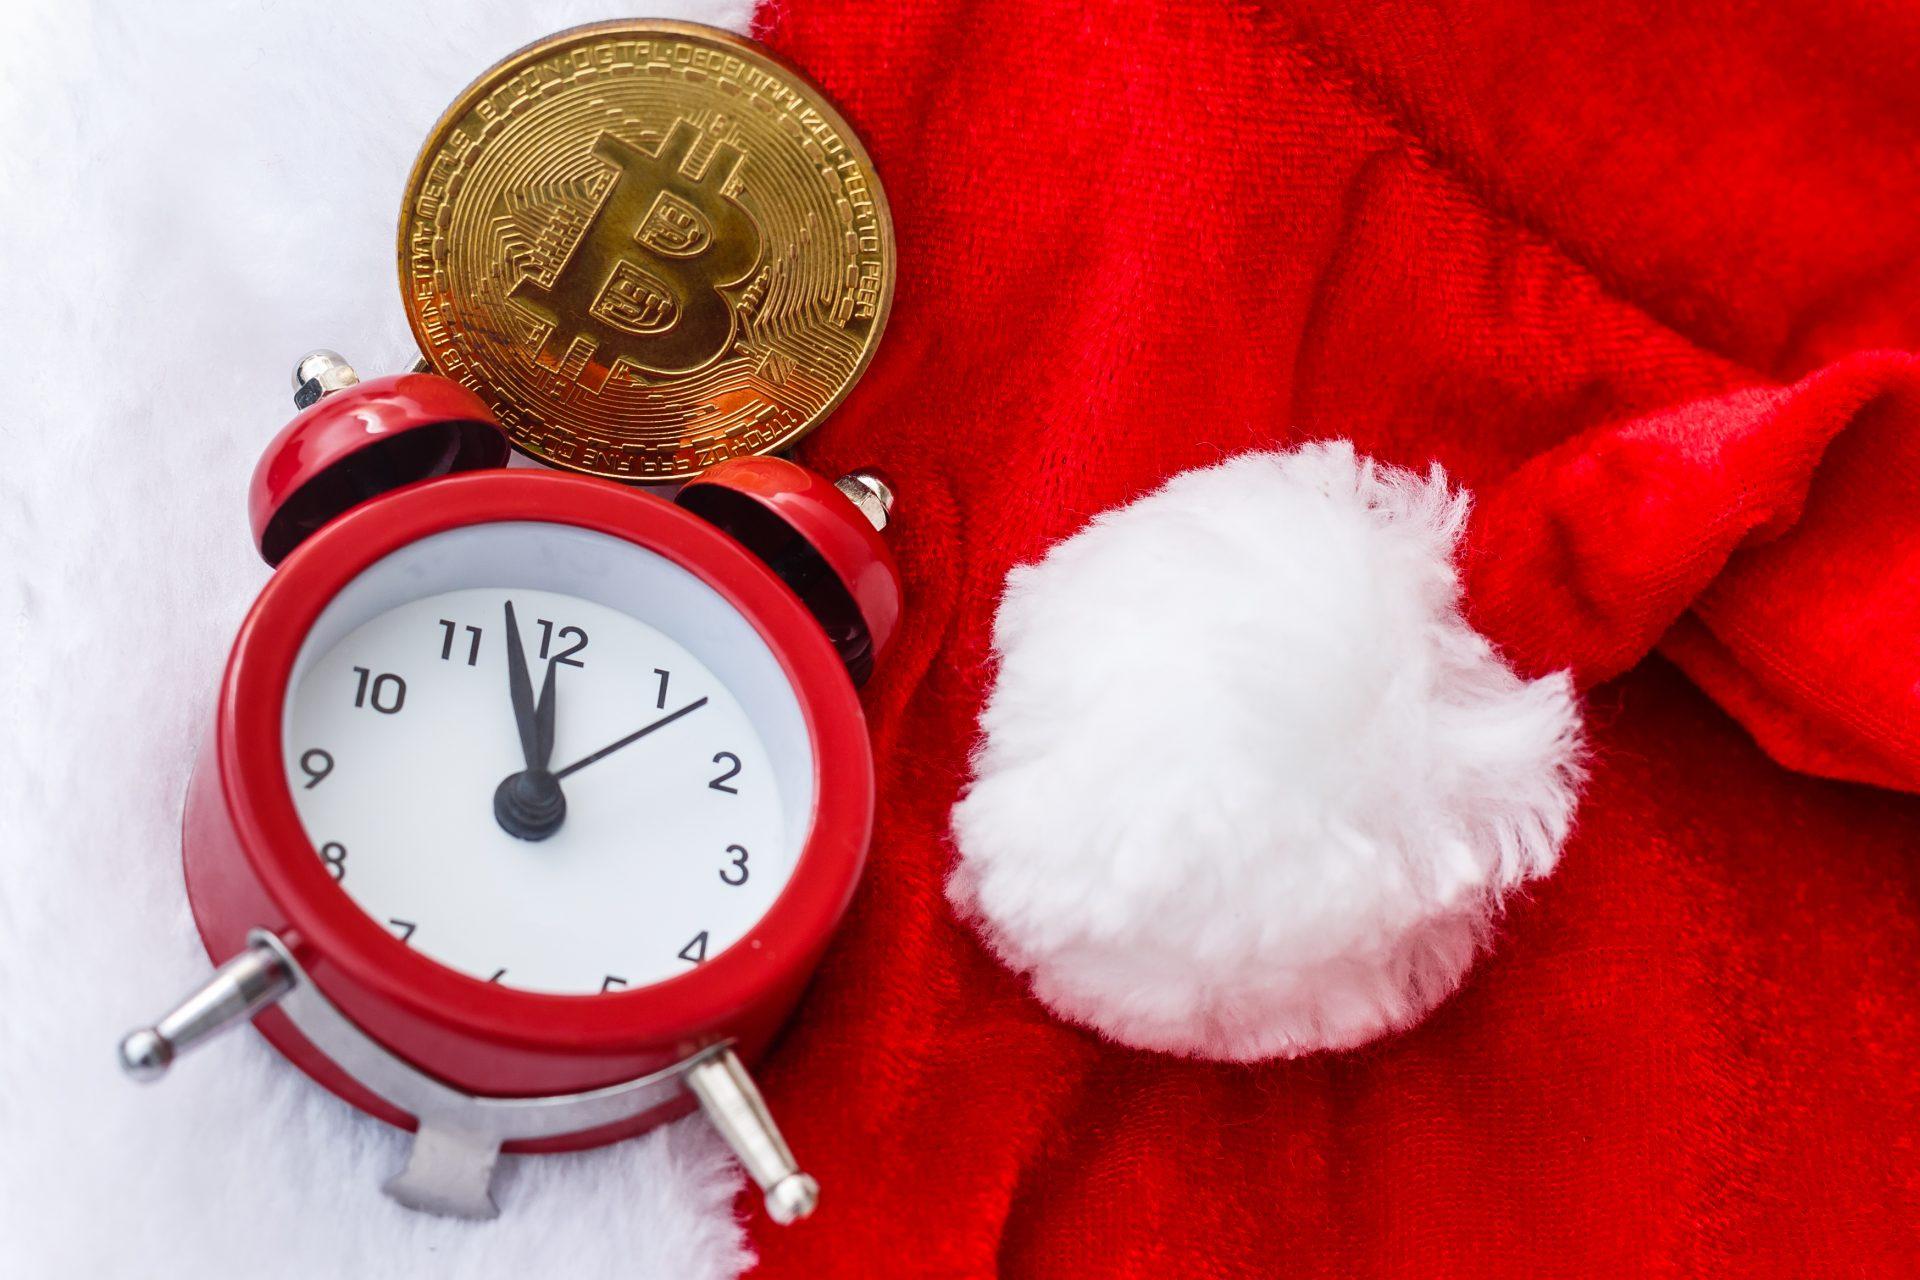 Datos de Nochebuena: Ho-Ho-Holders de 1 Bitcoin o más crecen año tras año